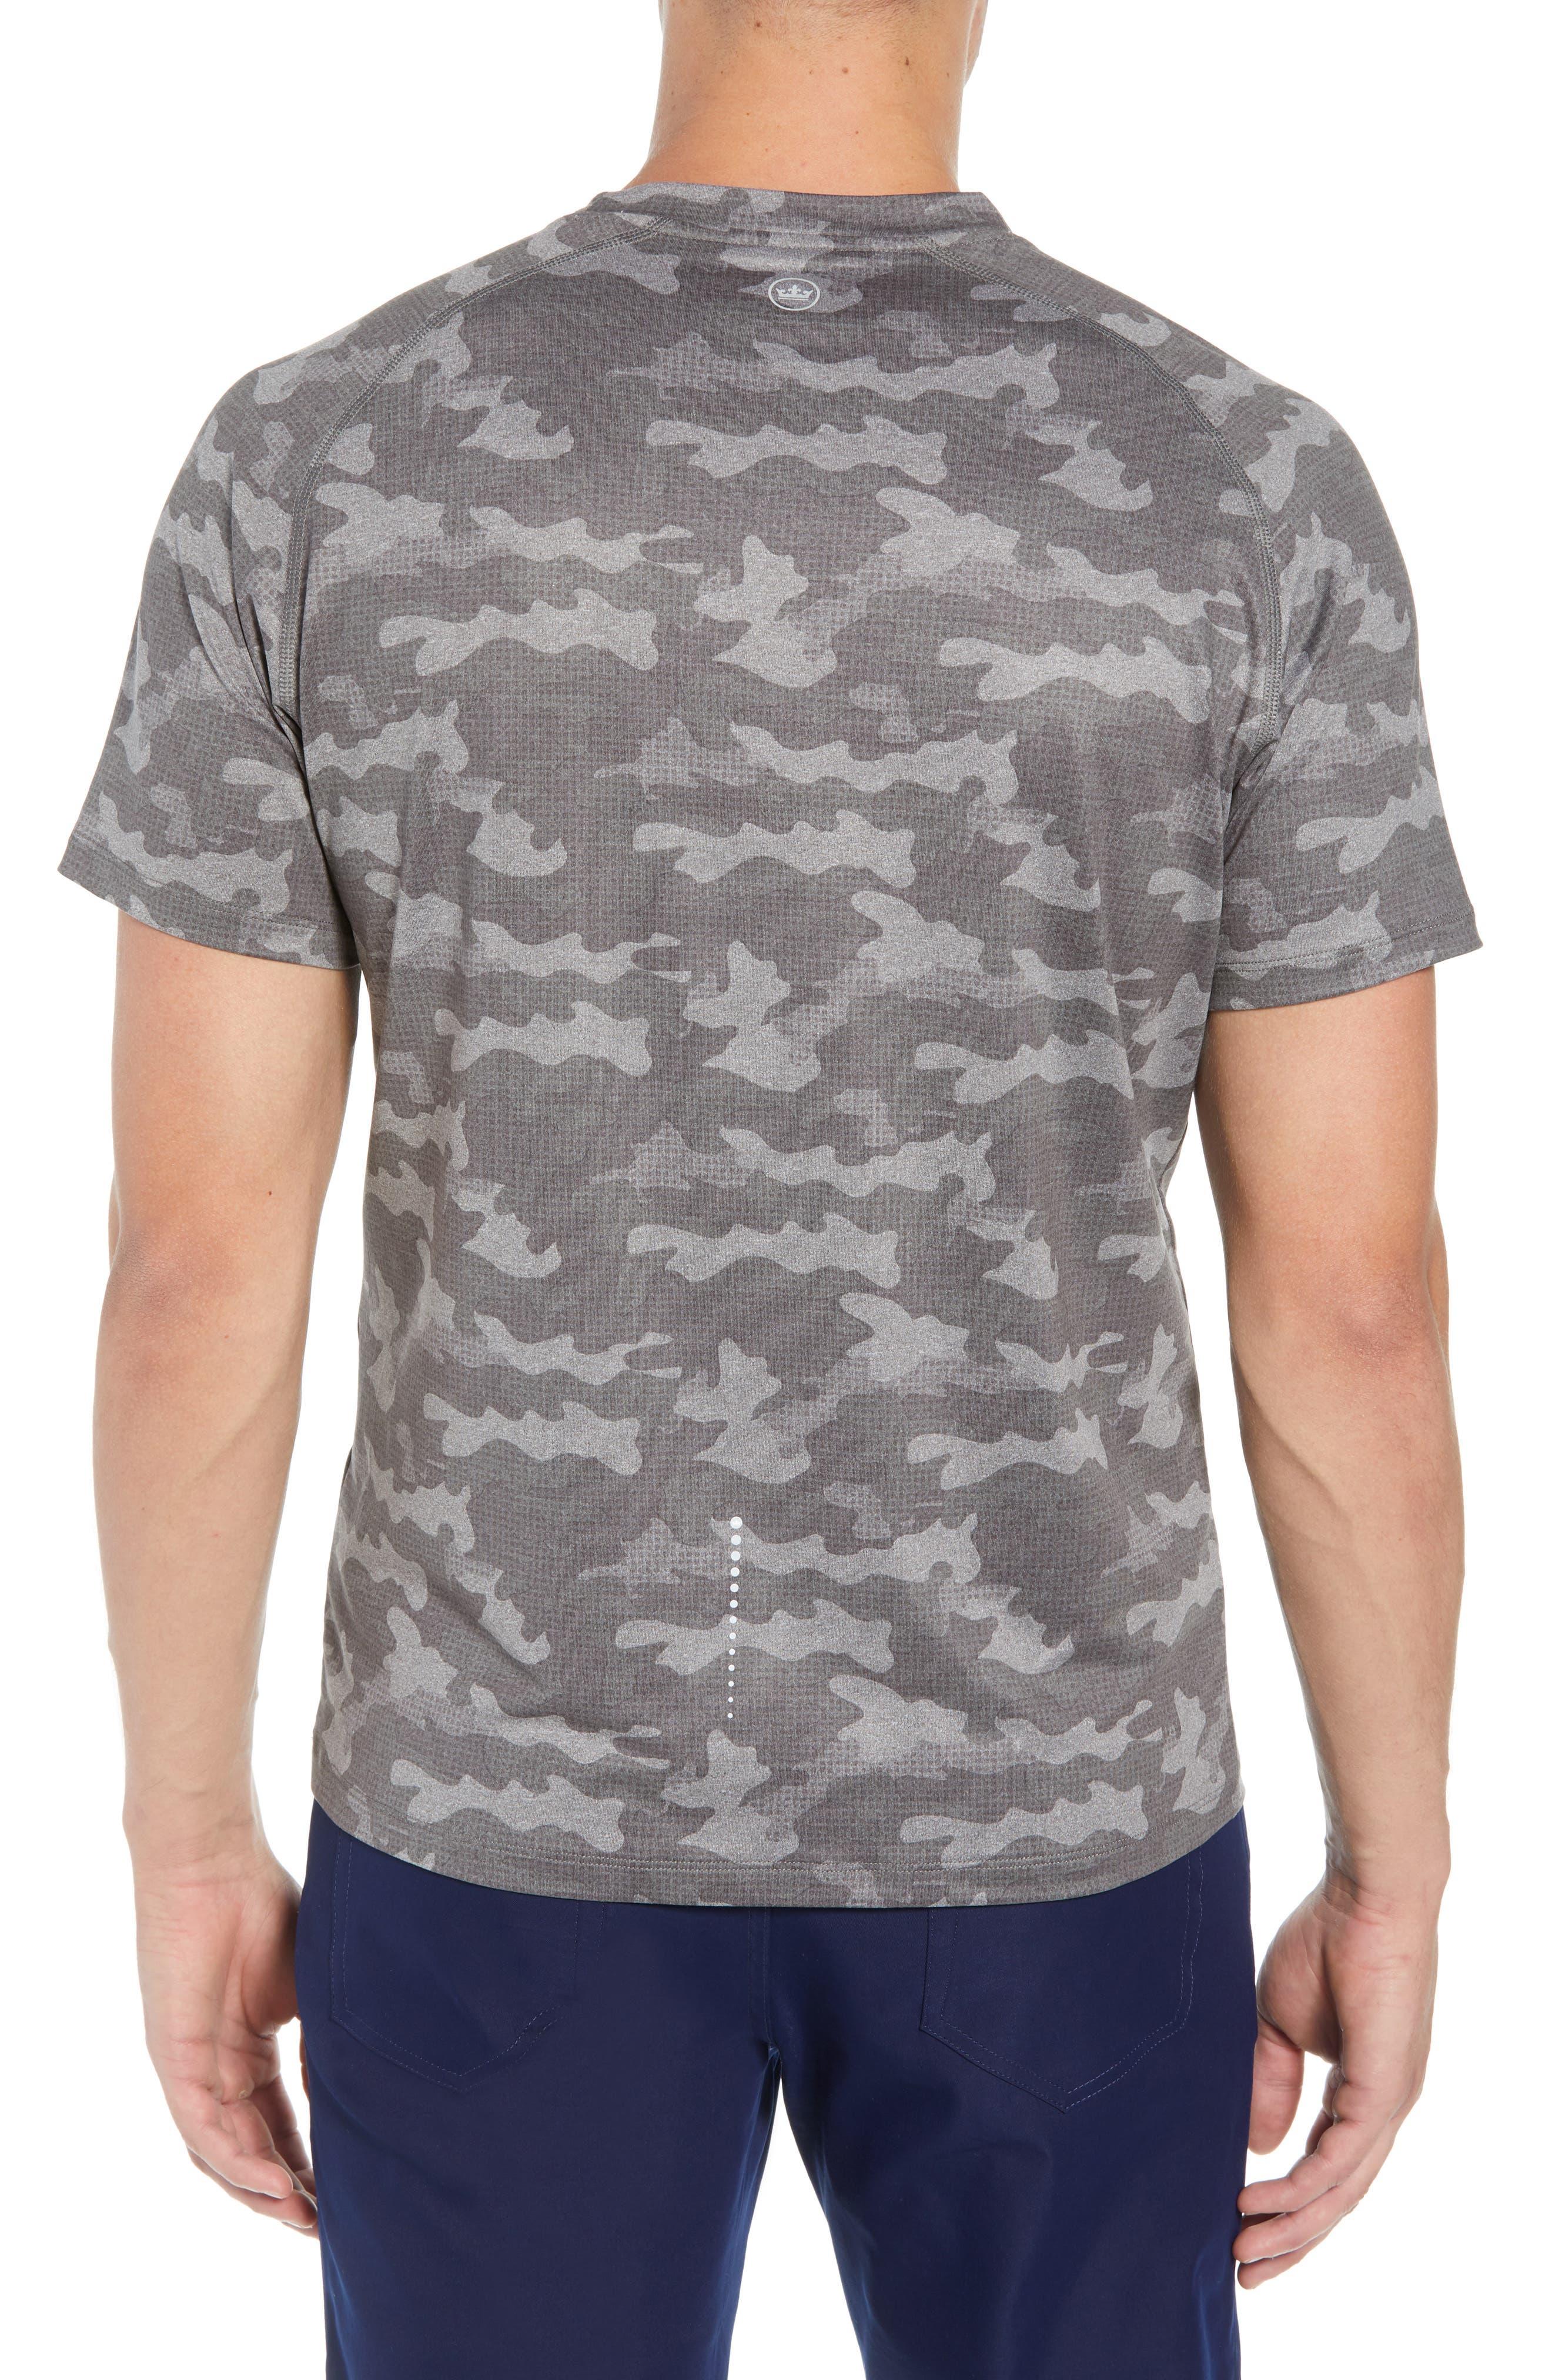 Rio Camo Tech T-Shirt,                             Alternate thumbnail 2, color,                             GREY